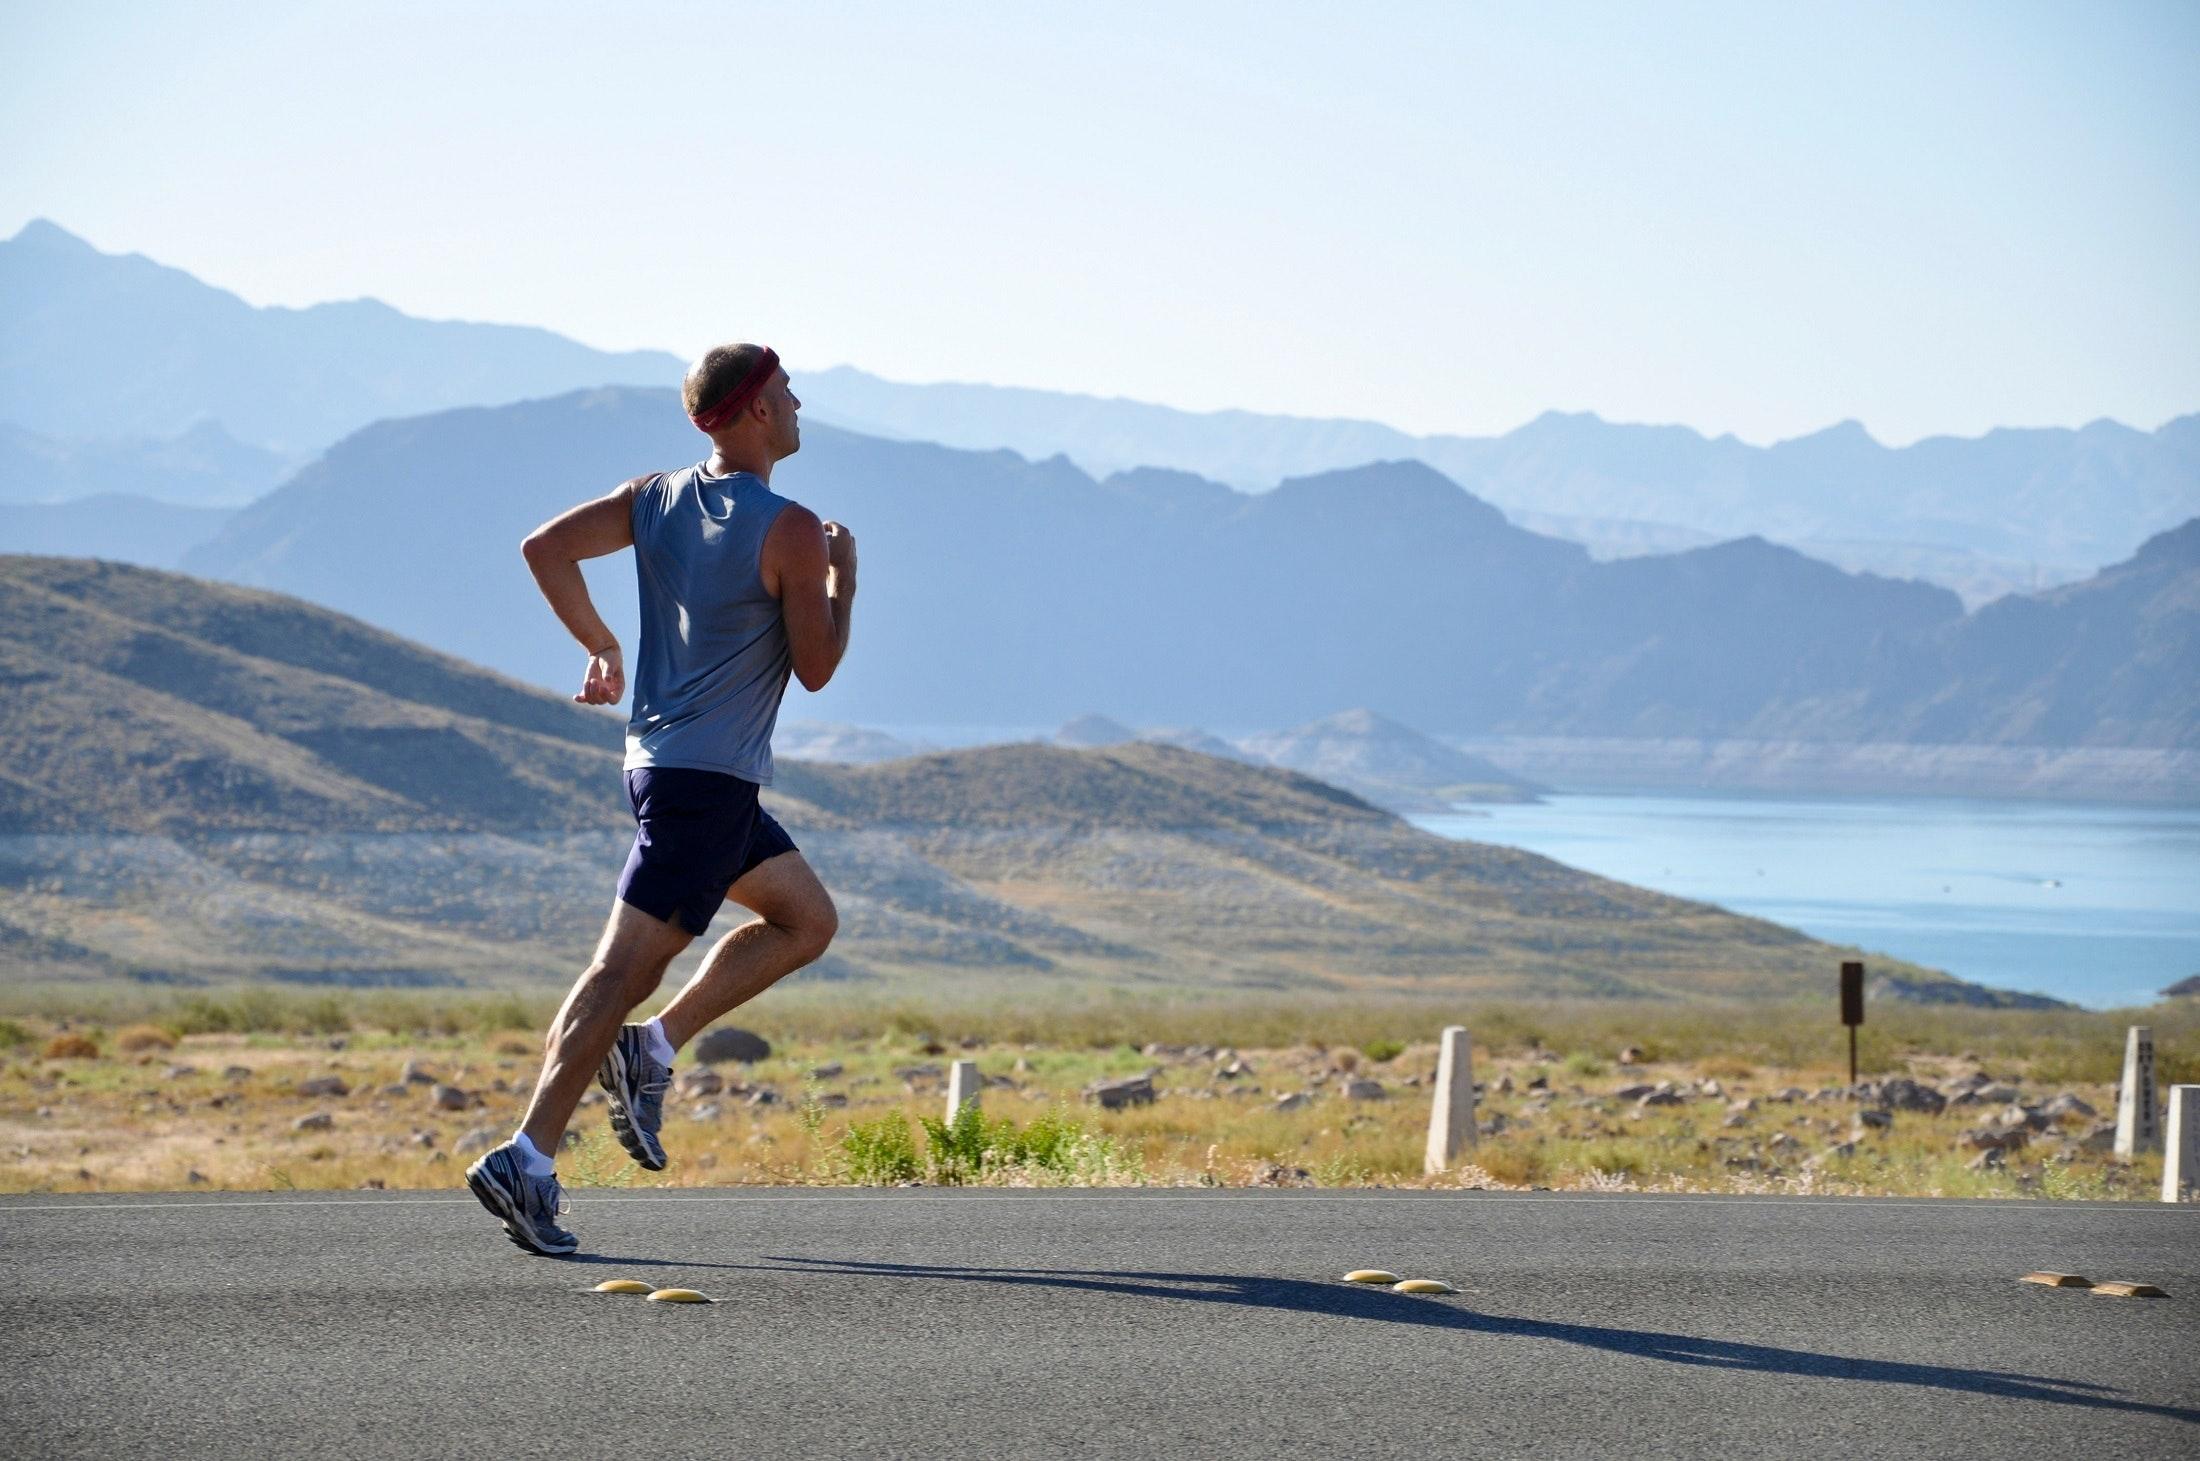 adventure-athlete-athletic-235922